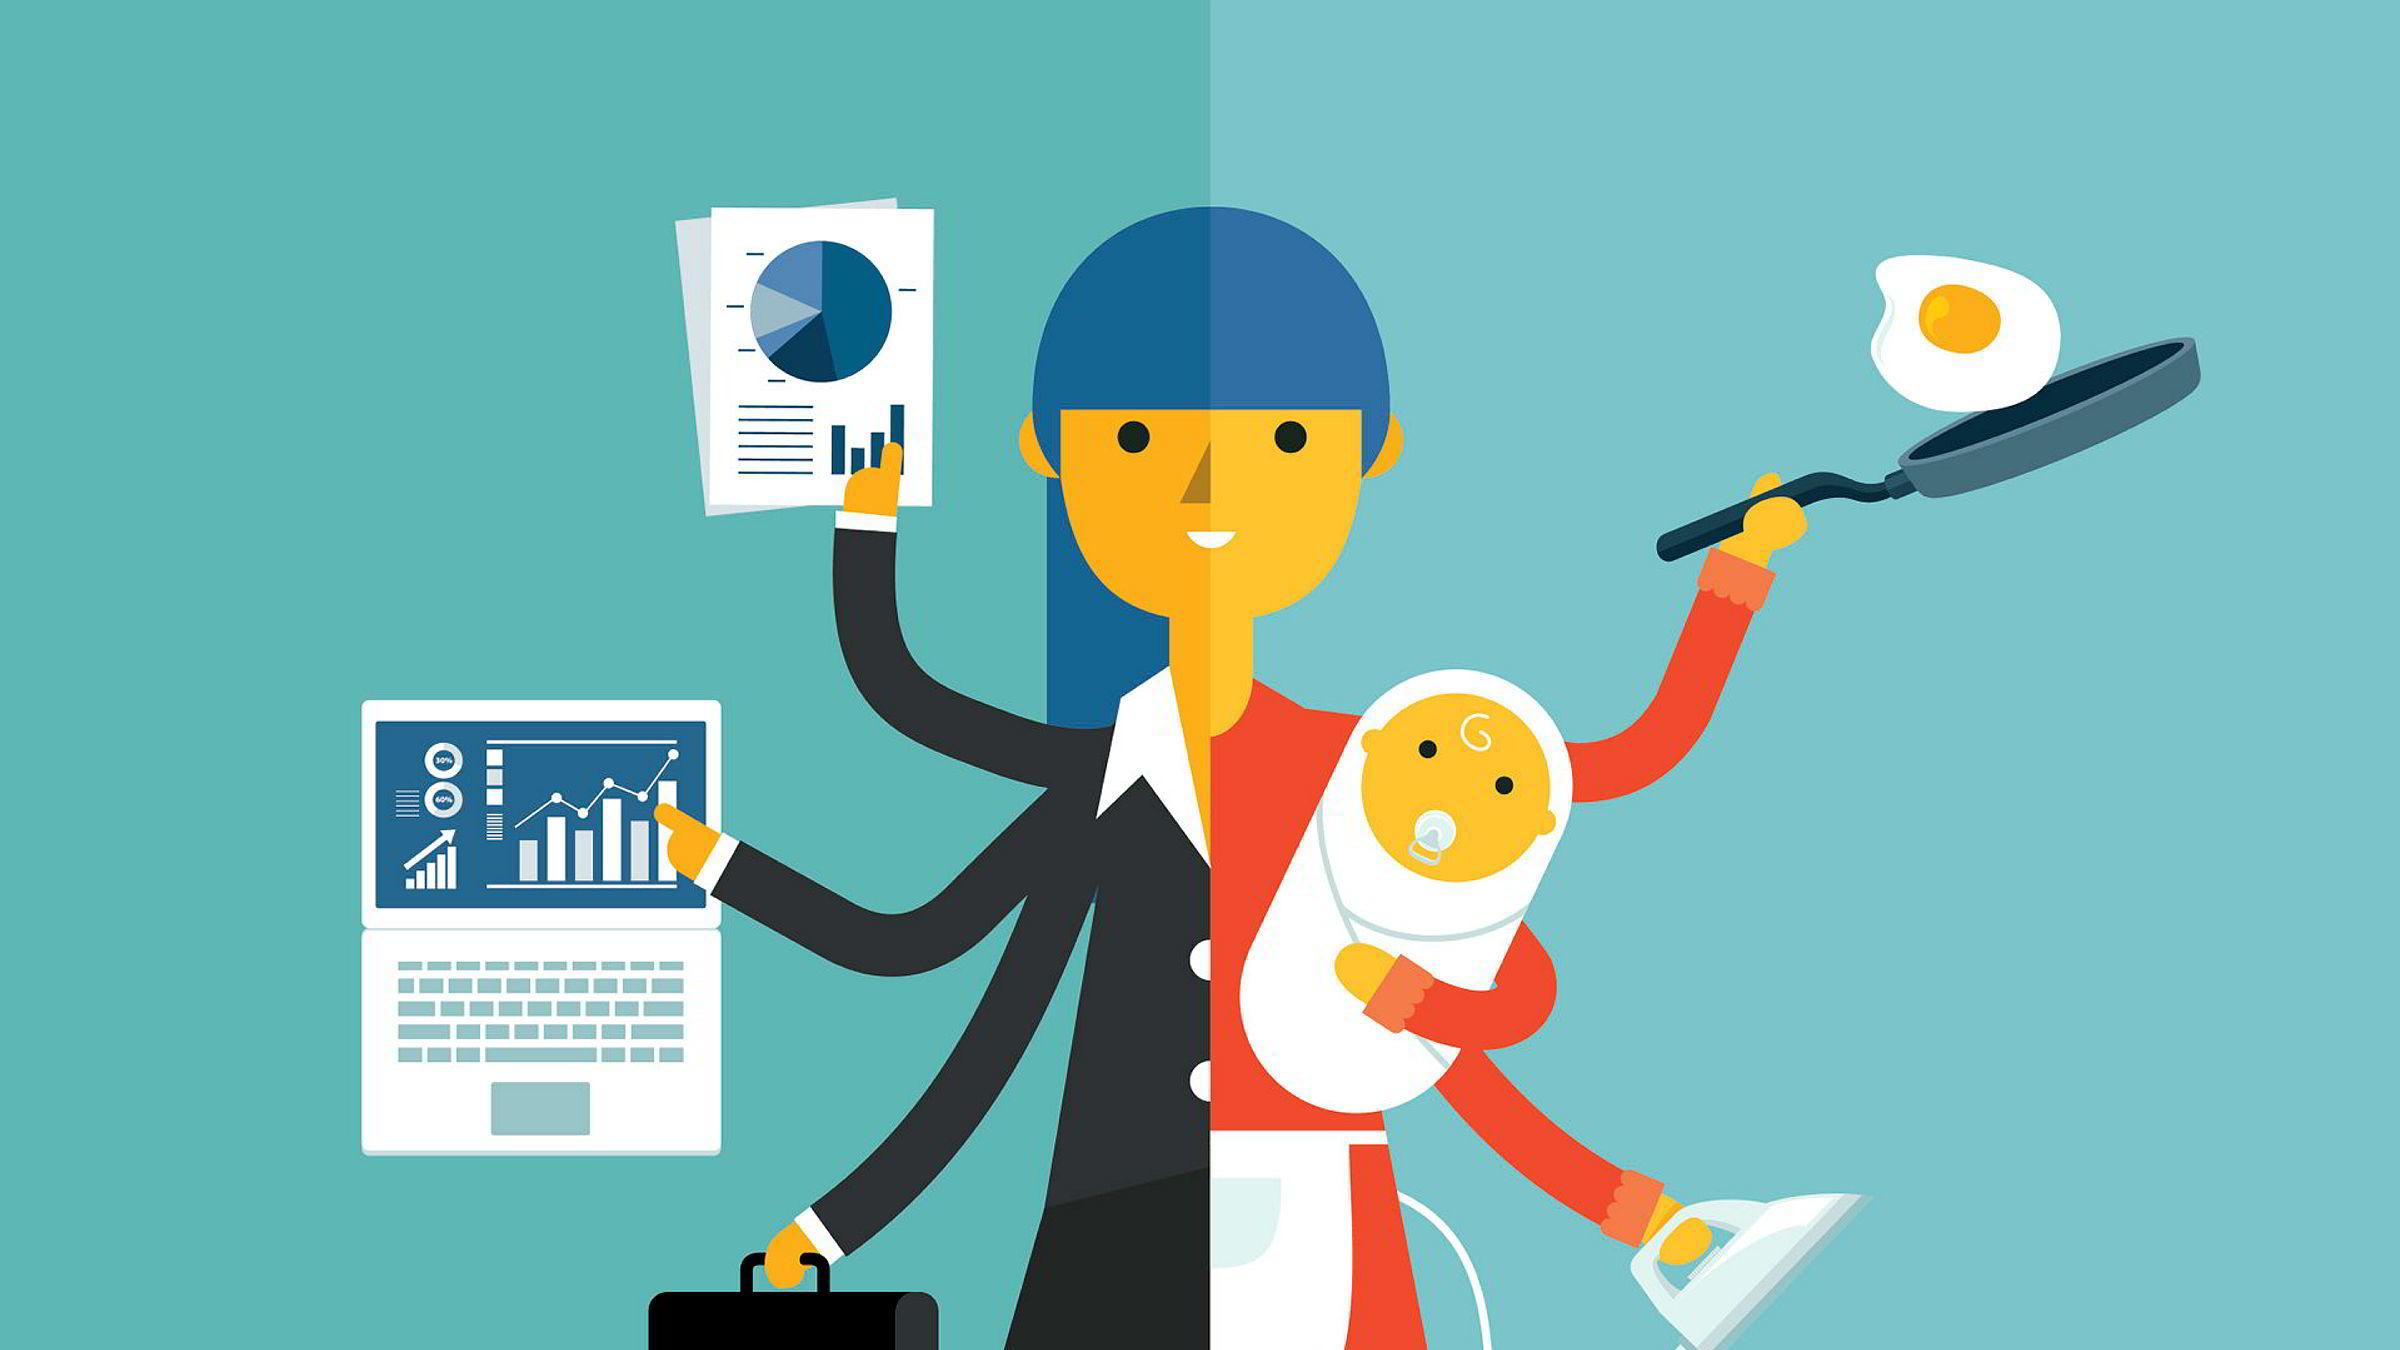 Det går fint an å kombinere småbarnsliv med topplederkarriere, ifølge artikkelforfatterne.